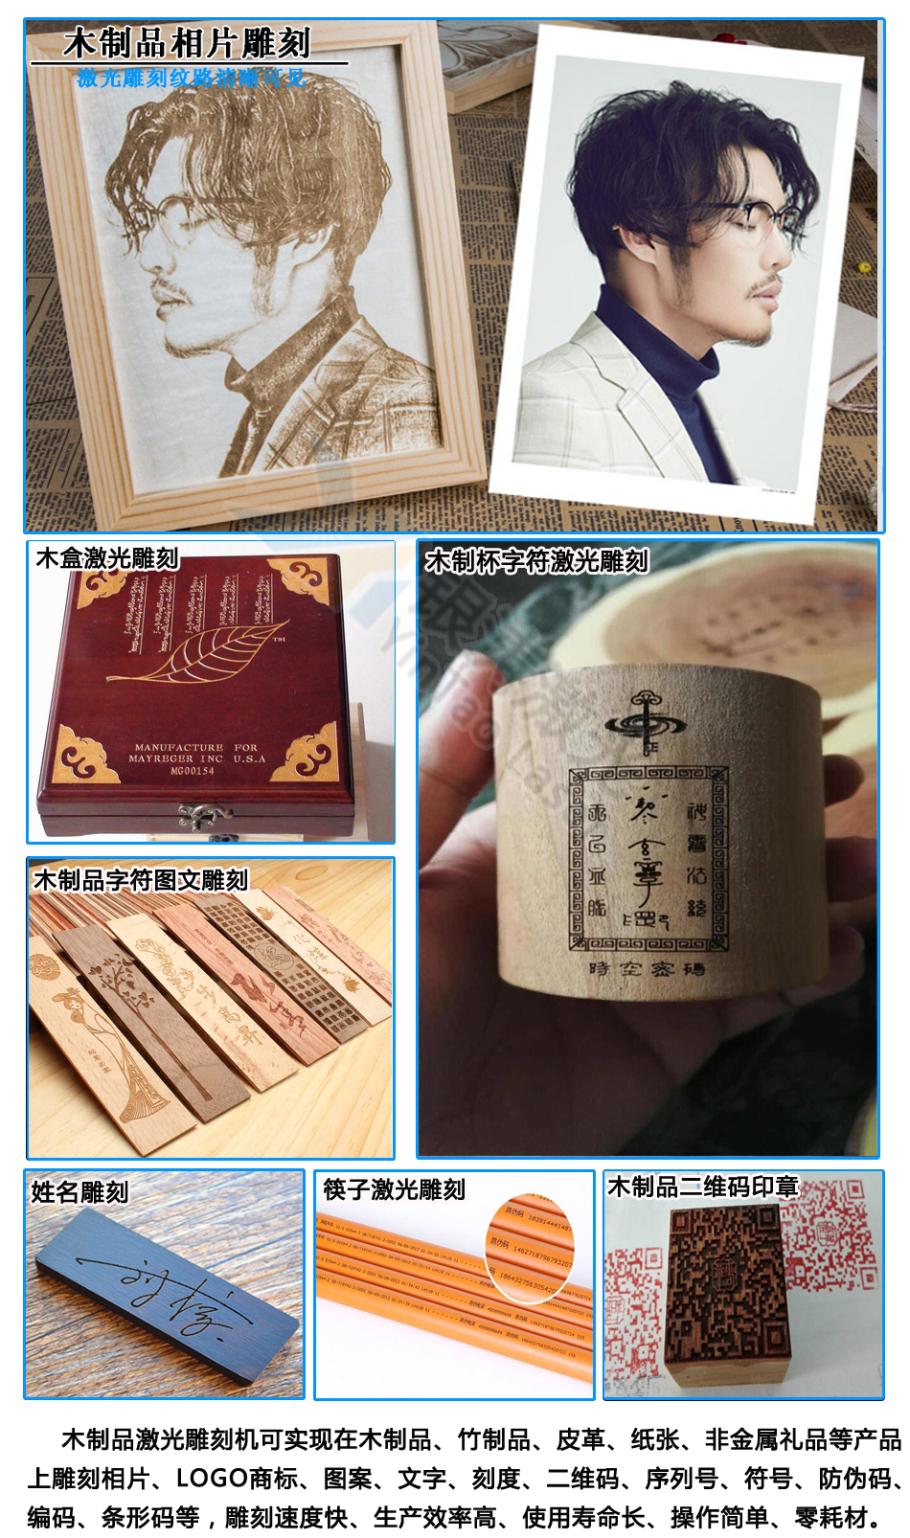 木製品首圖模版.jpg